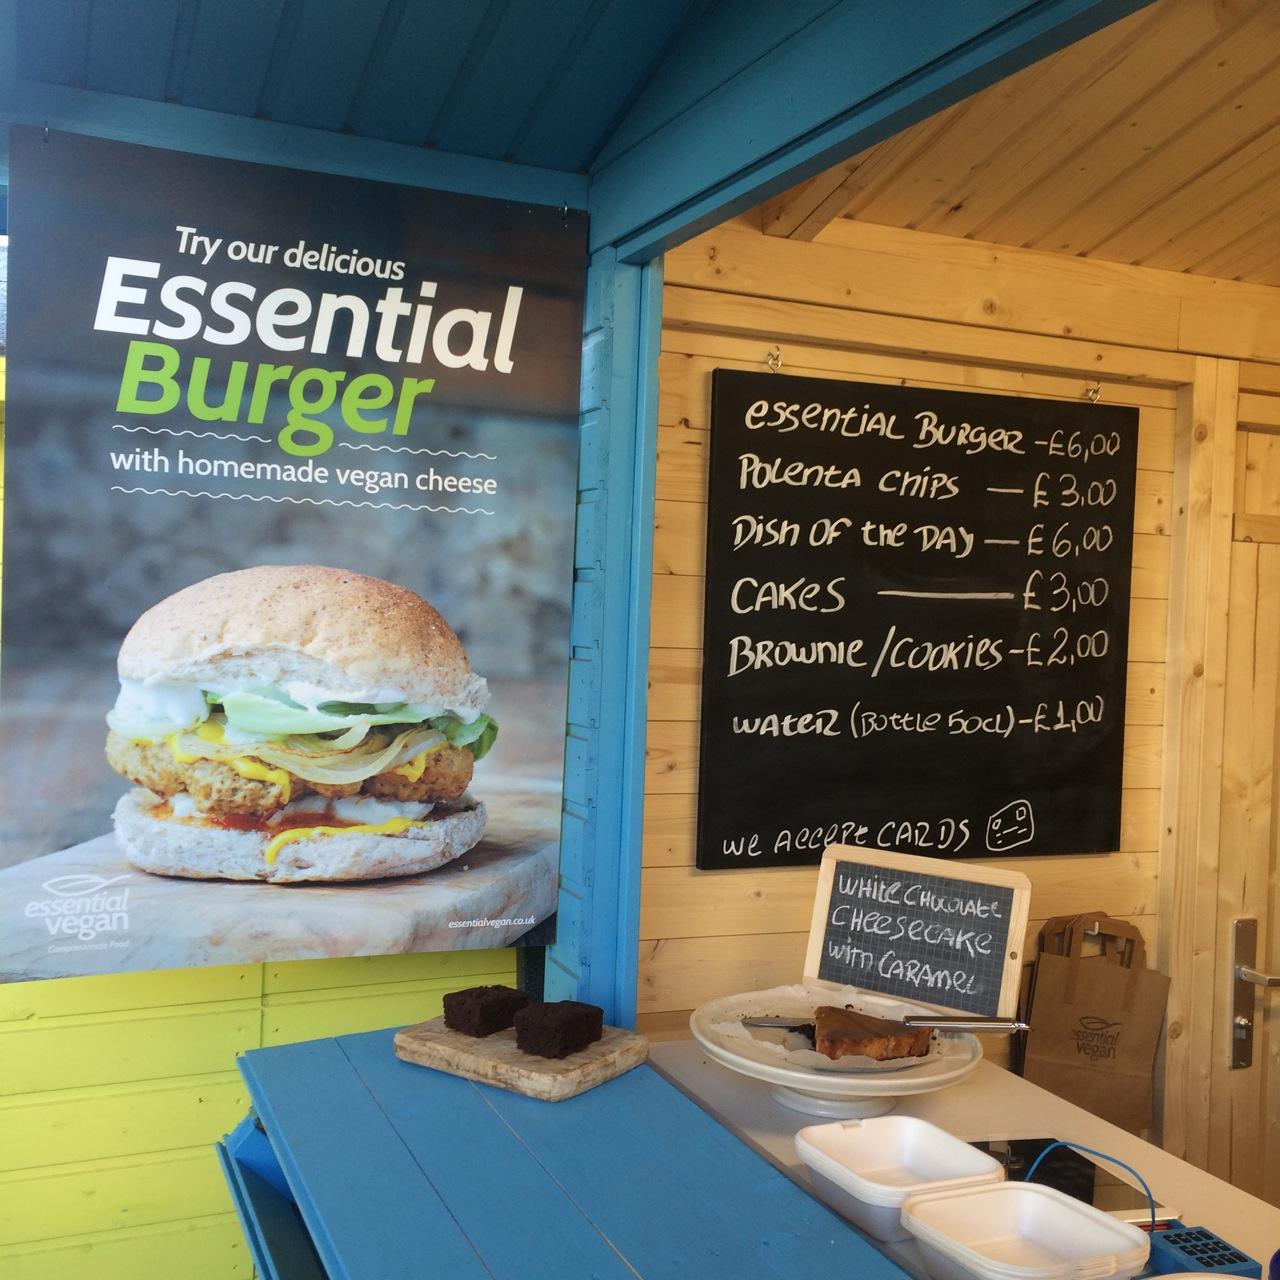 https://i1.wp.com/fatgayvegan.com/wp-content/uploads/2015/06/essential-vegan-burger-shoreditch-menu.jpg?fit=1280%2C1280&ssl=1